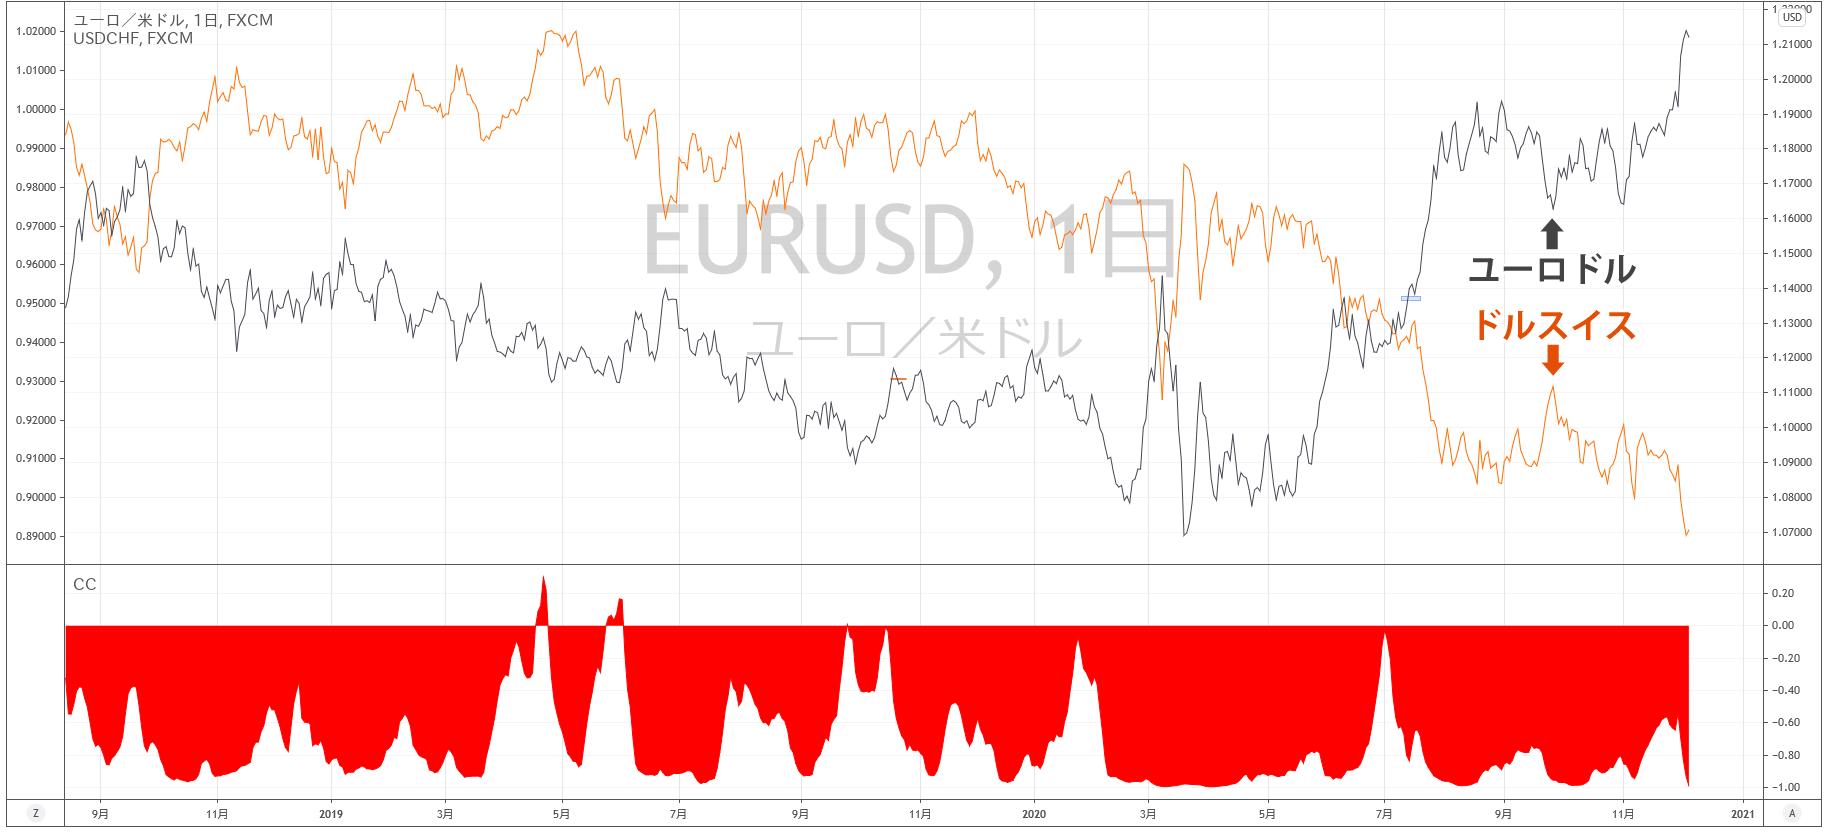 ユーロドルとドルスイスの相関関係